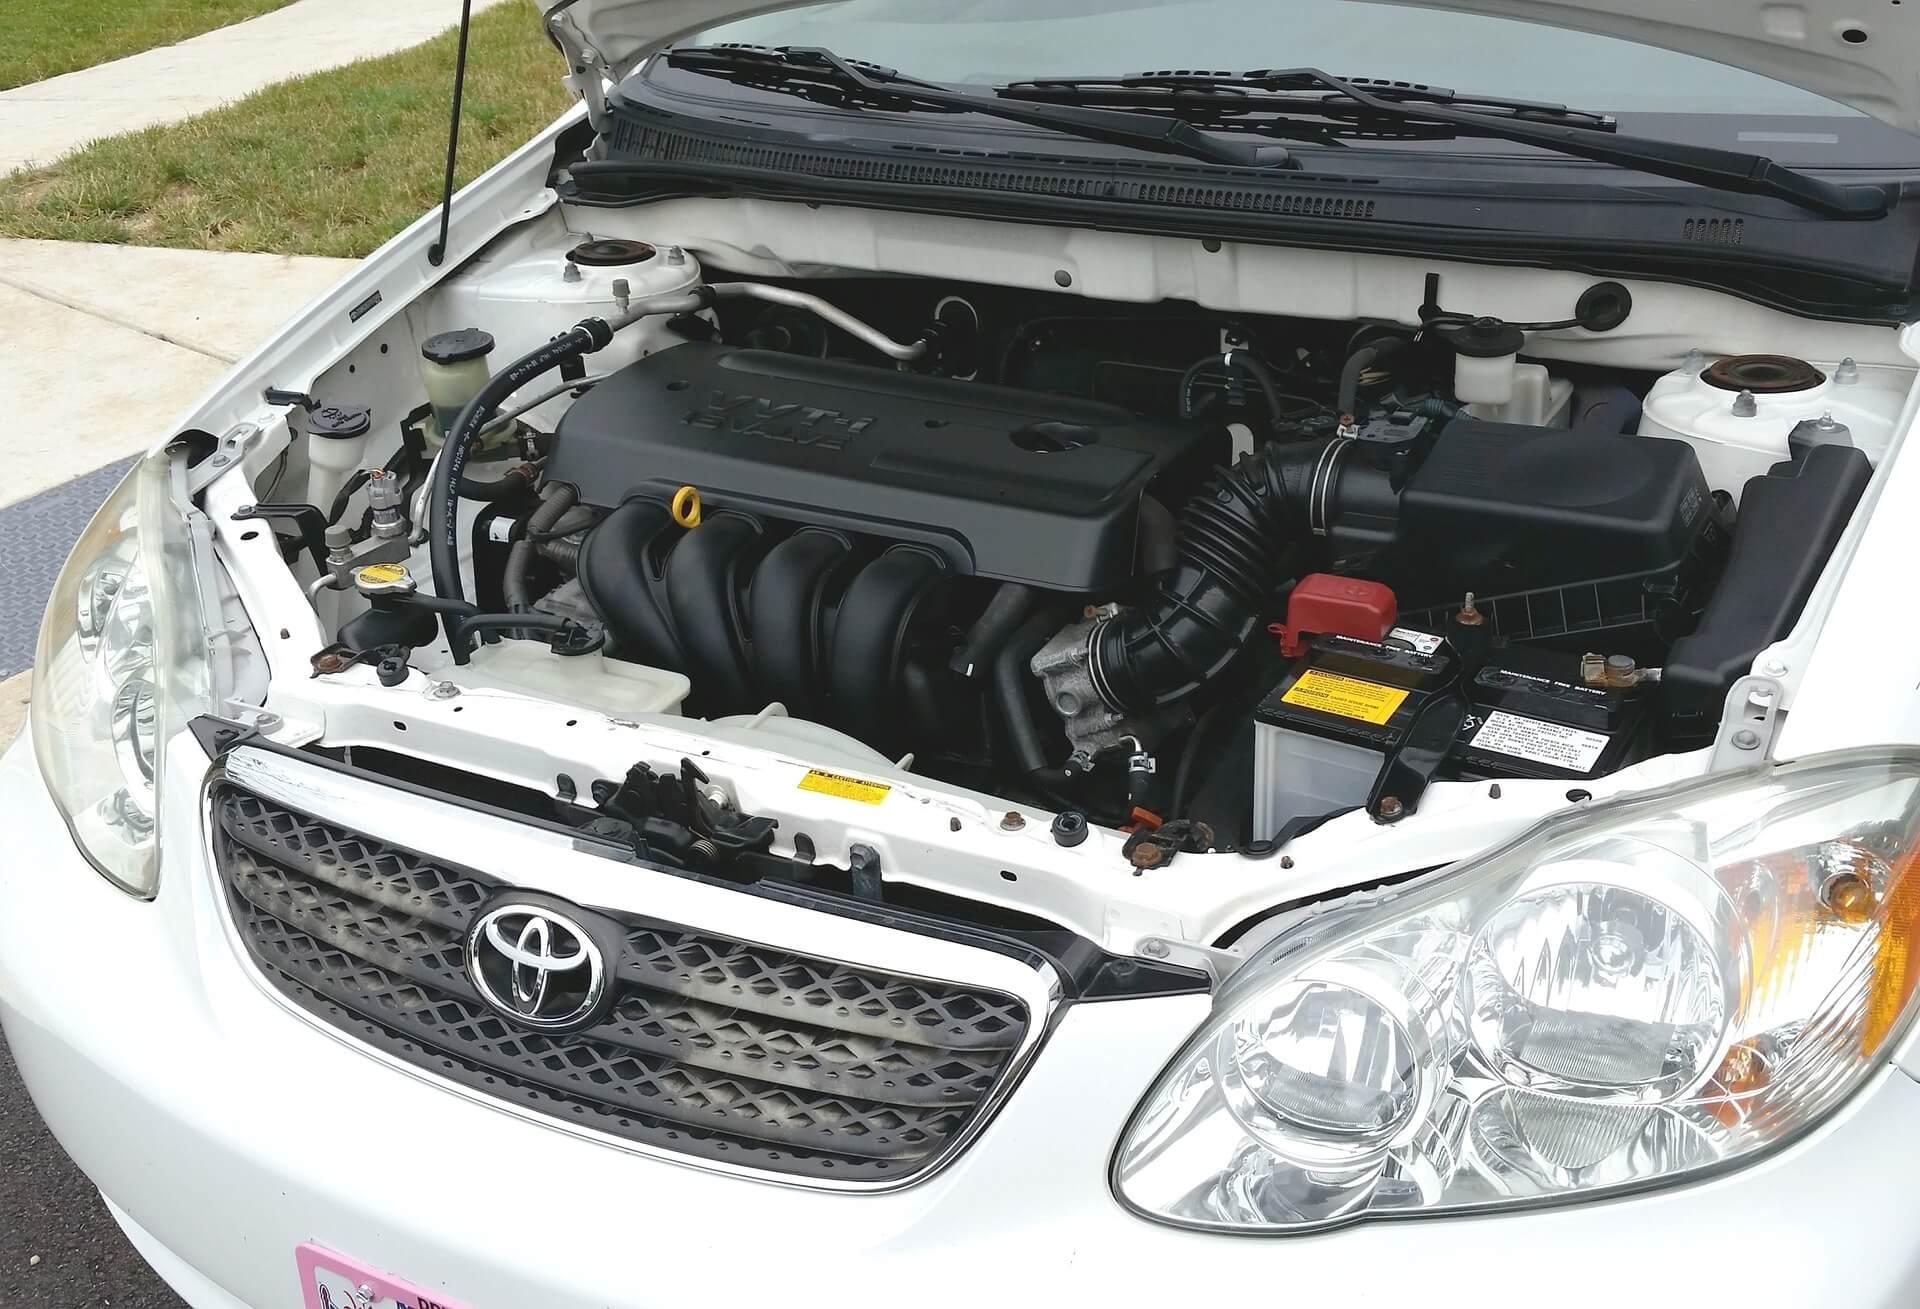 Carro com capô aberto, expondo a melhor bateria para carro.